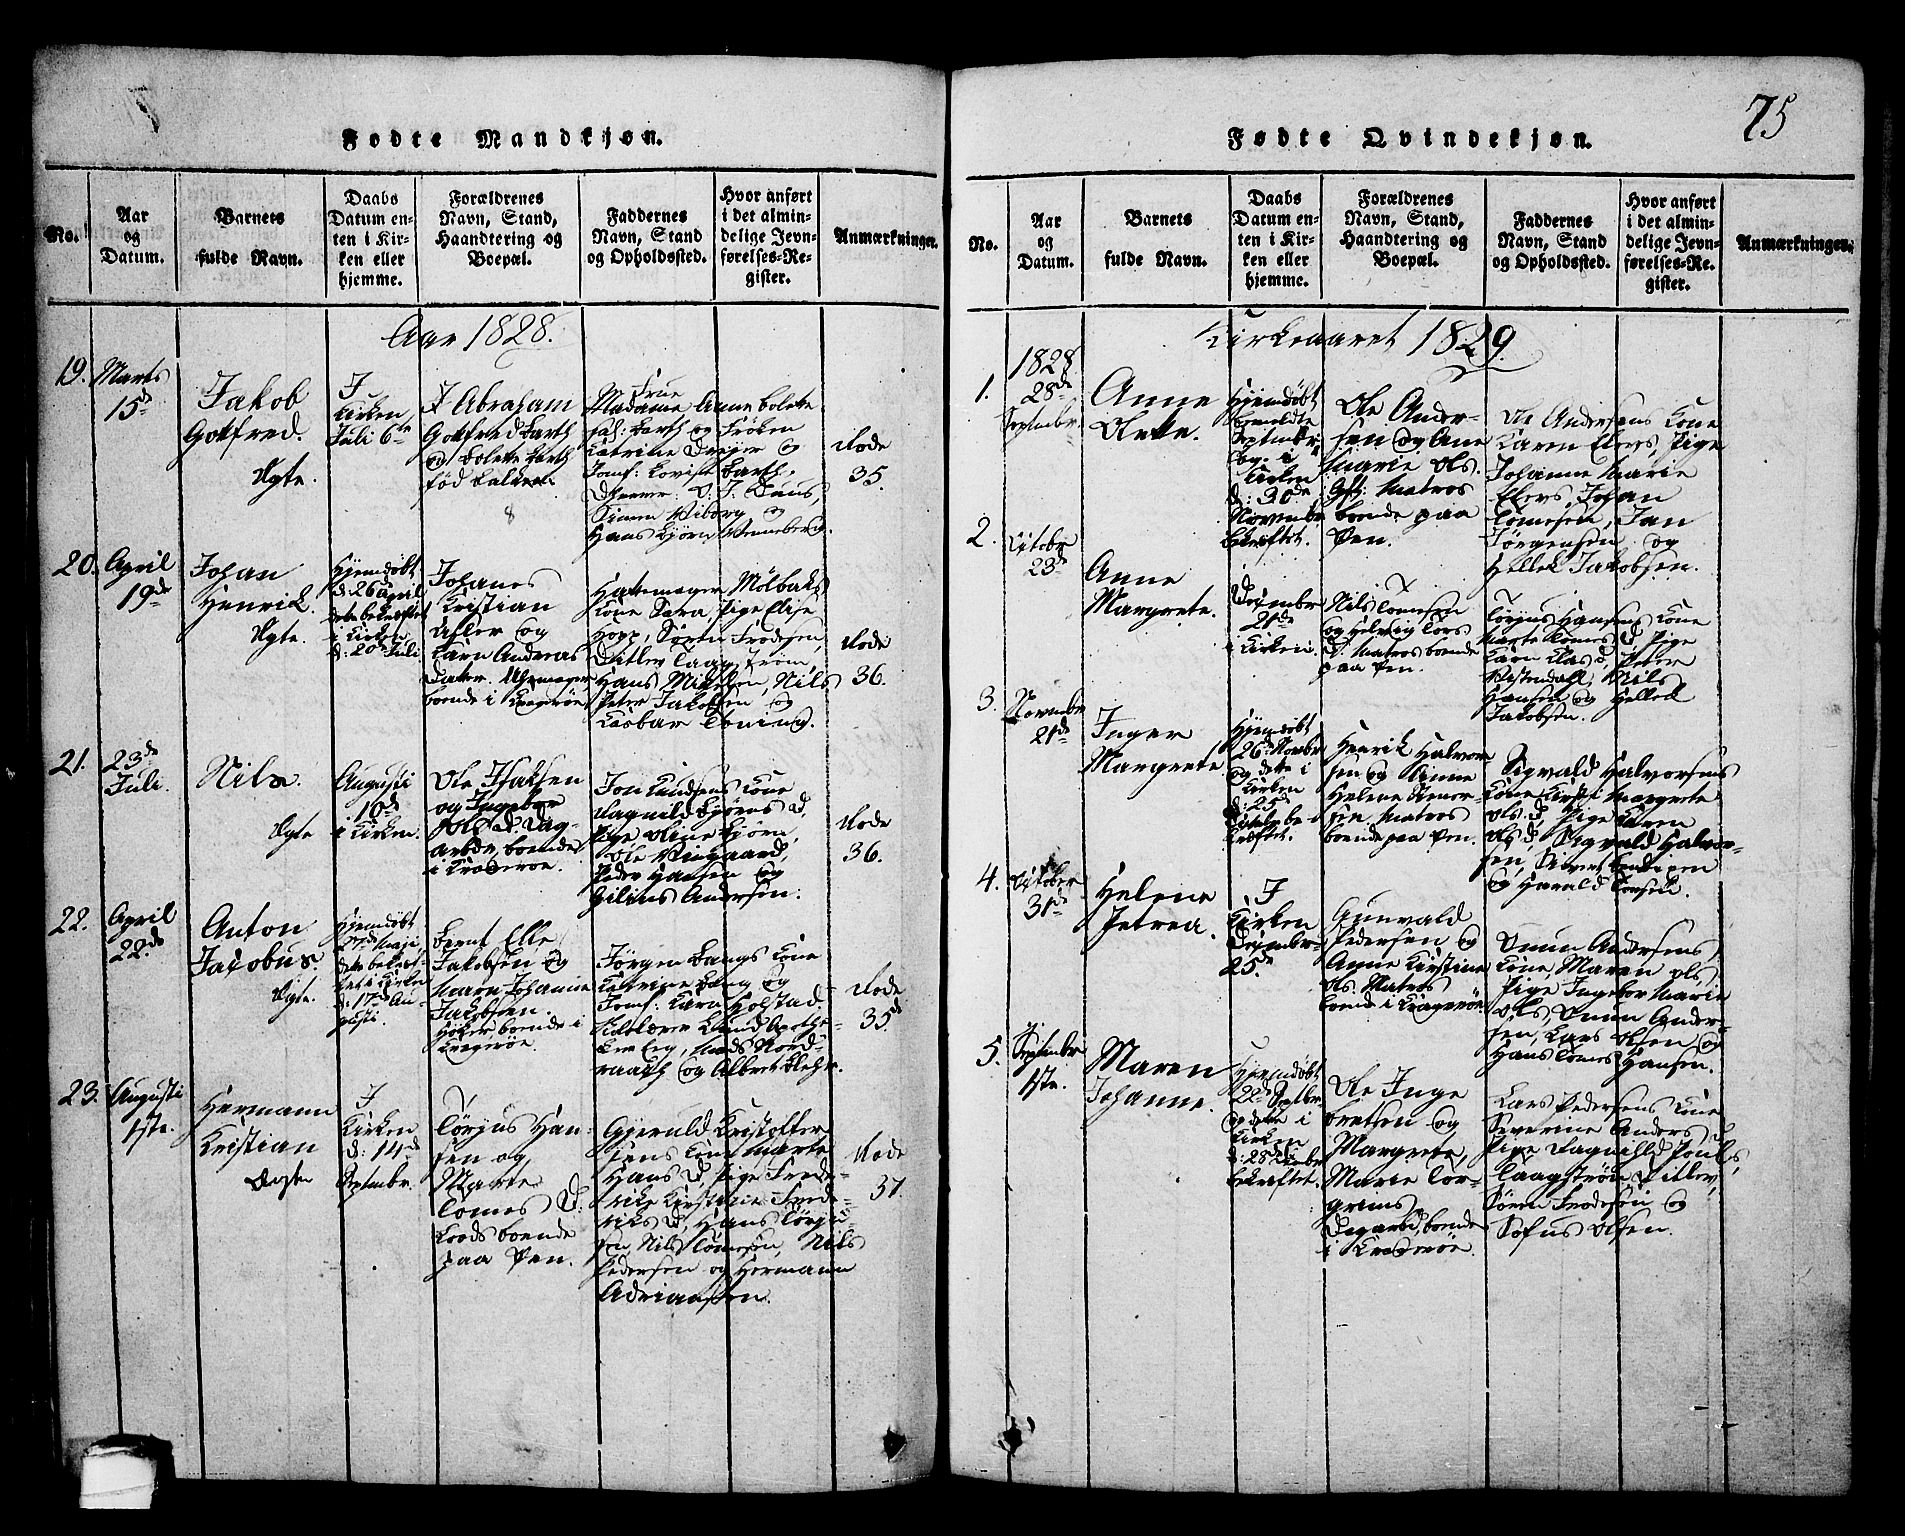 SAKO, Kragerø kirkebøker, G/Ga/L0002: Klokkerbok nr. 2, 1814-1831, s. 75